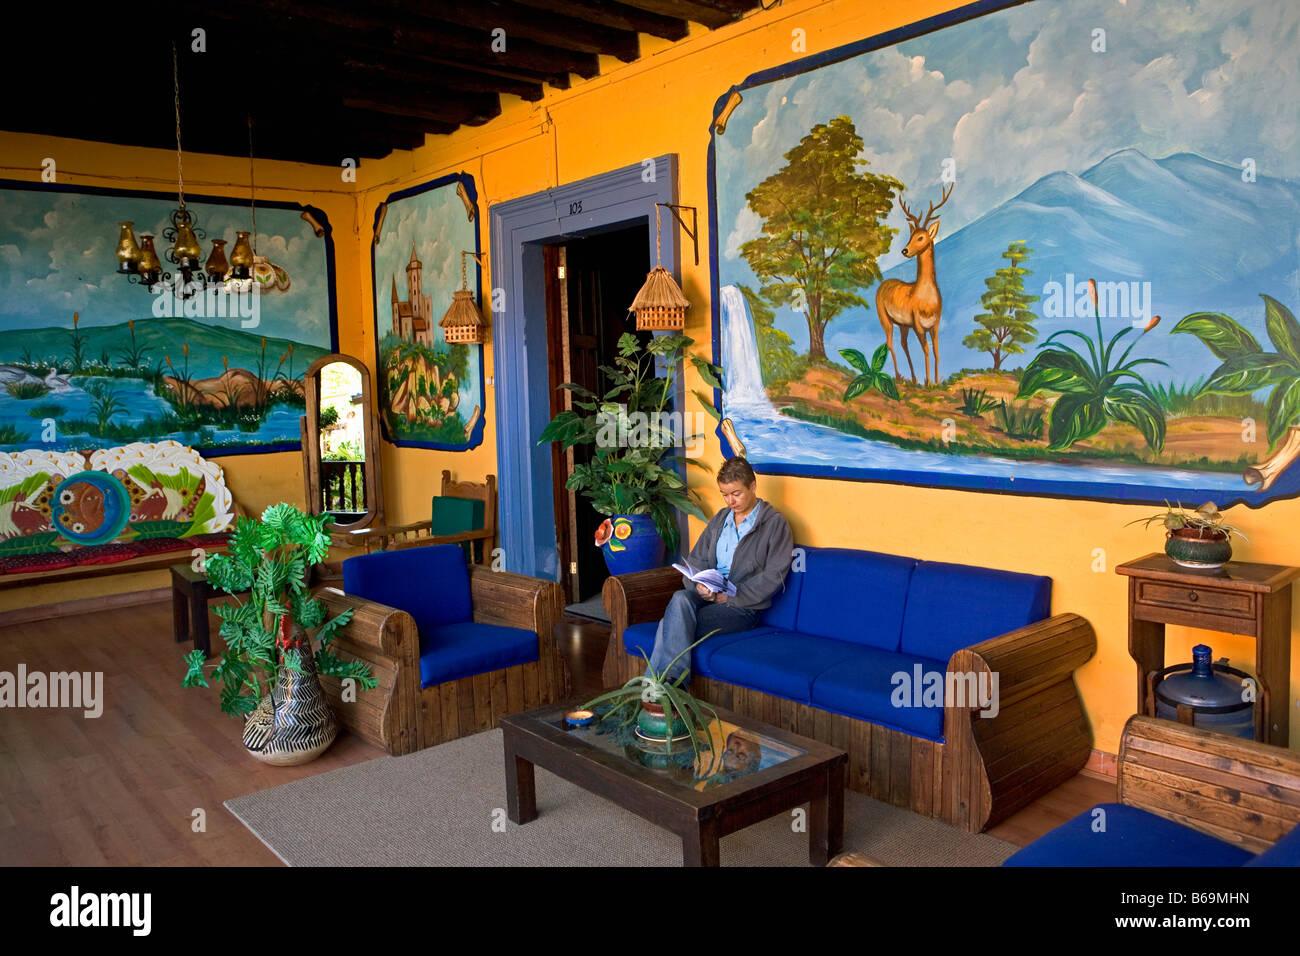 Mexico chiapas san cristobal de las casas patio of for Hotel azulejos san cristobal delas casas chiapas